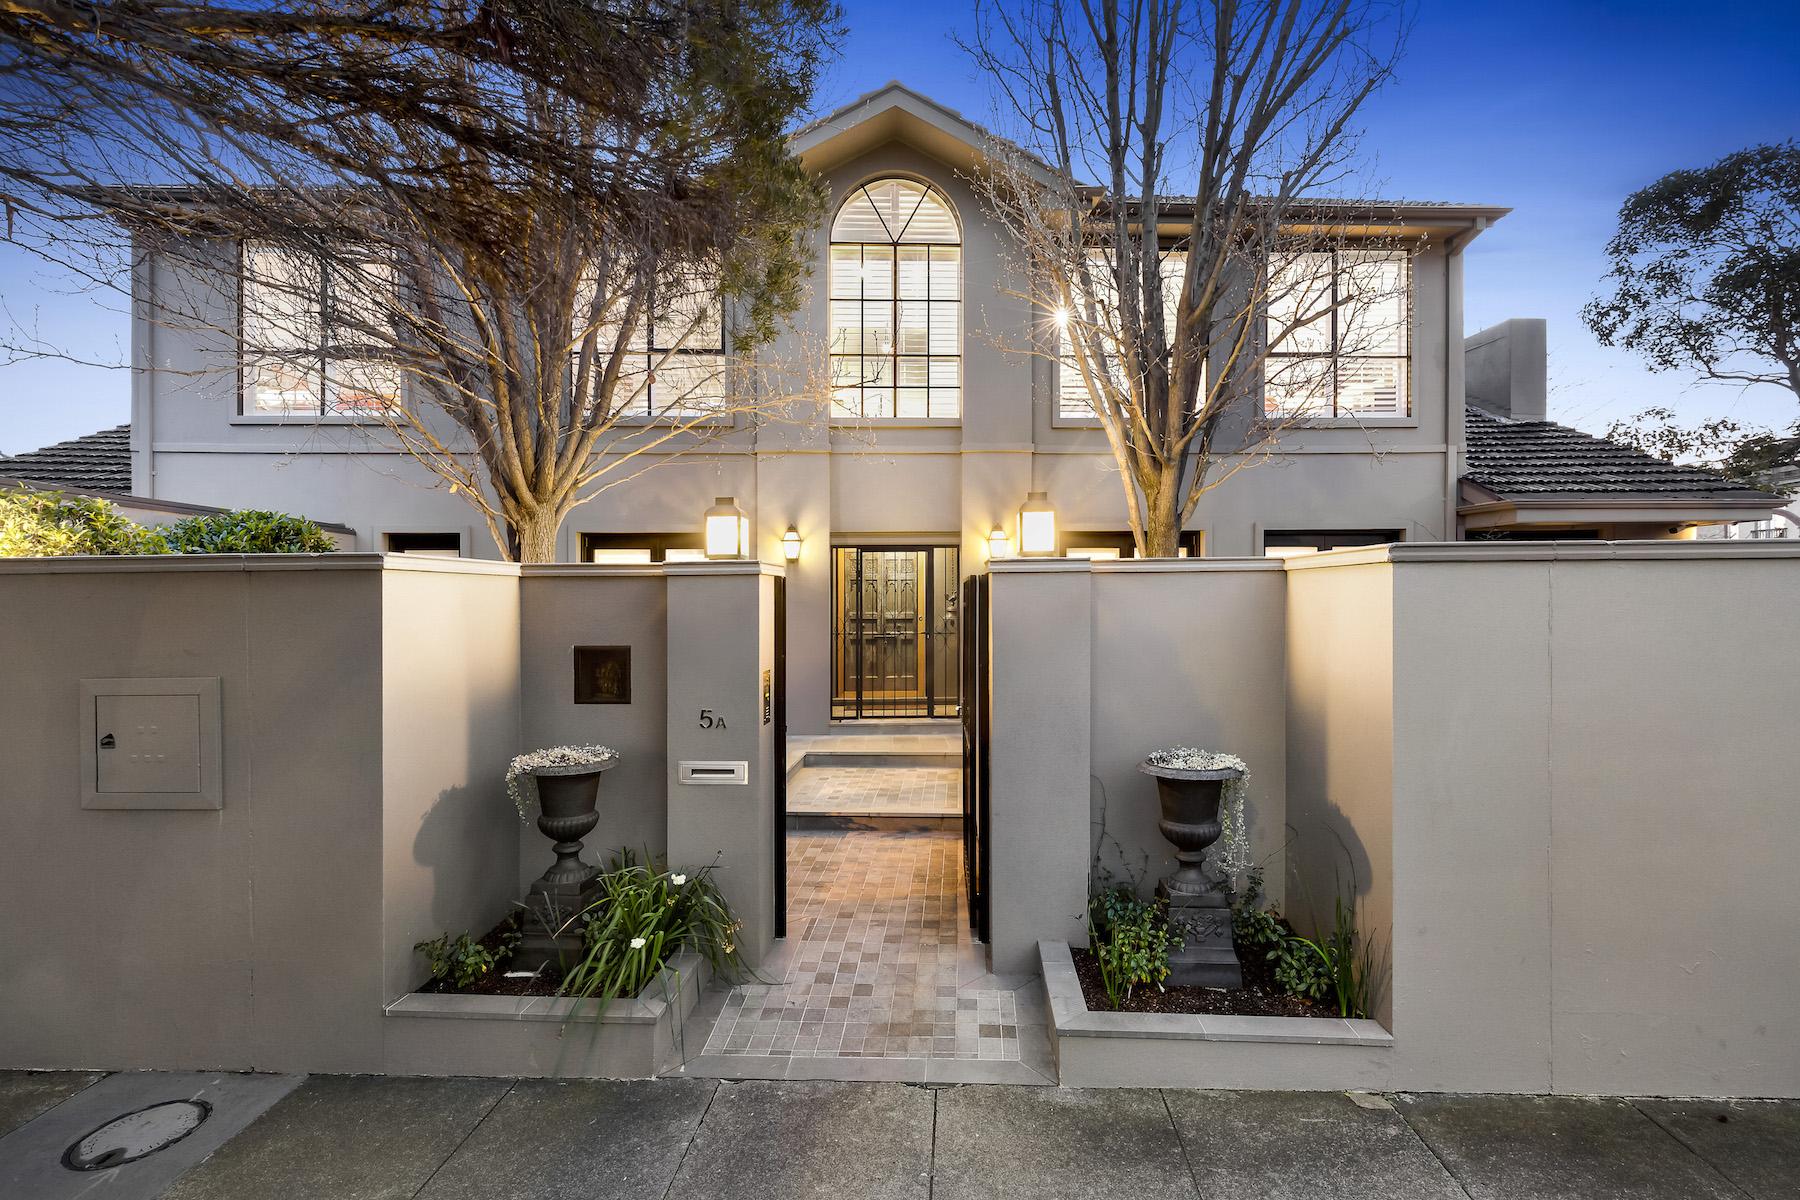 Terreno por un Venta en 5A Irving Road, Toorak Melbourne, Victoria, 3142 Australia